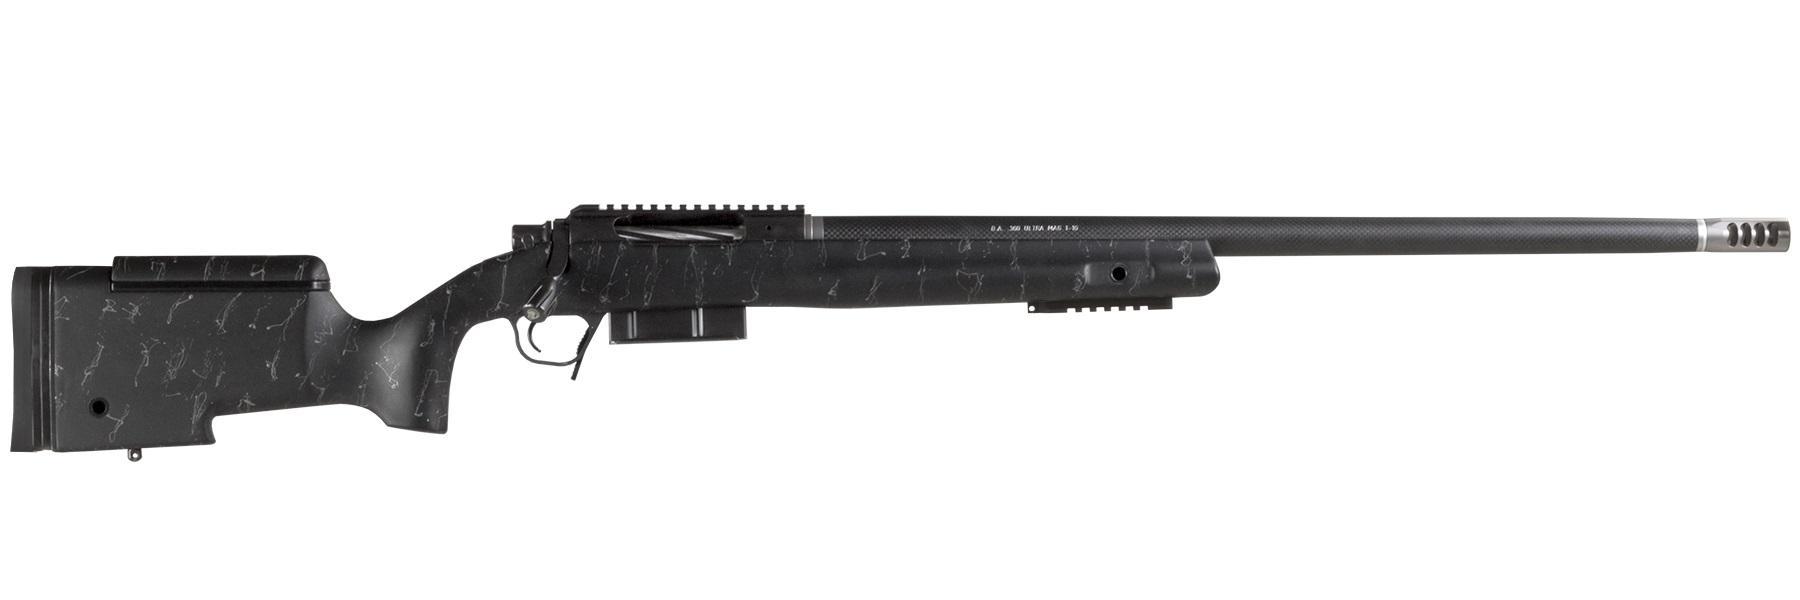 BA TAC 300PRC BLK/GRY 26 TB - 801-04002-00